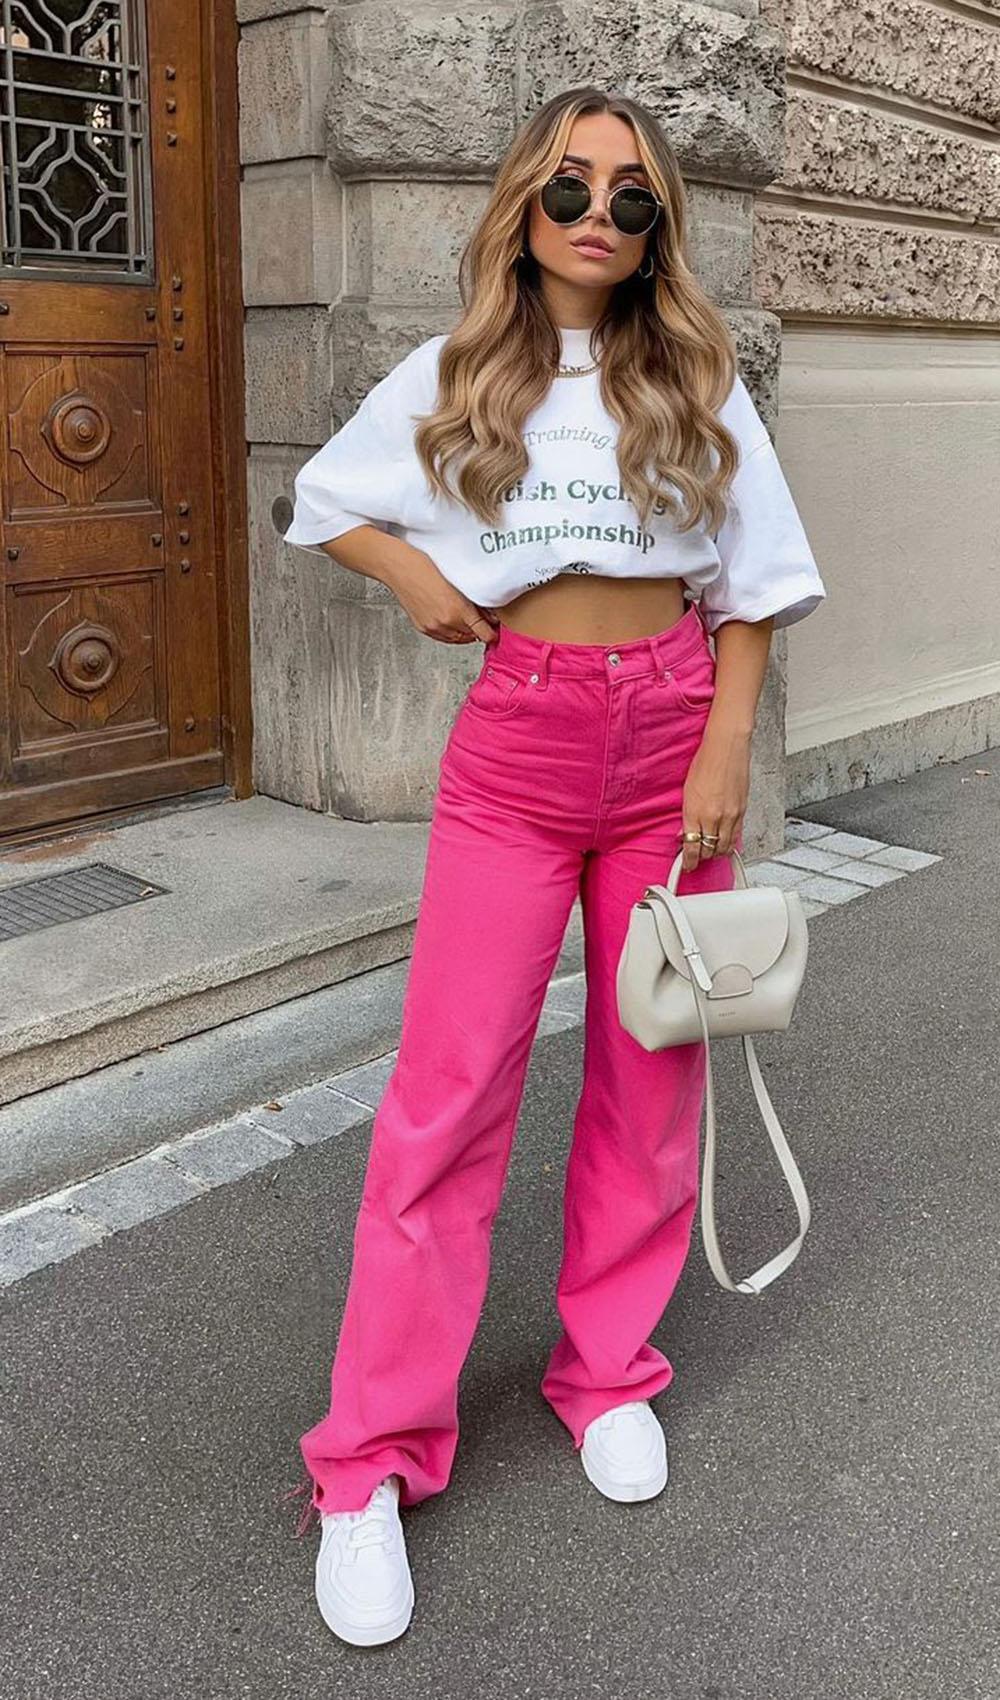 Tendências de verão, t-shirt branca, calça rosa e tênis branco